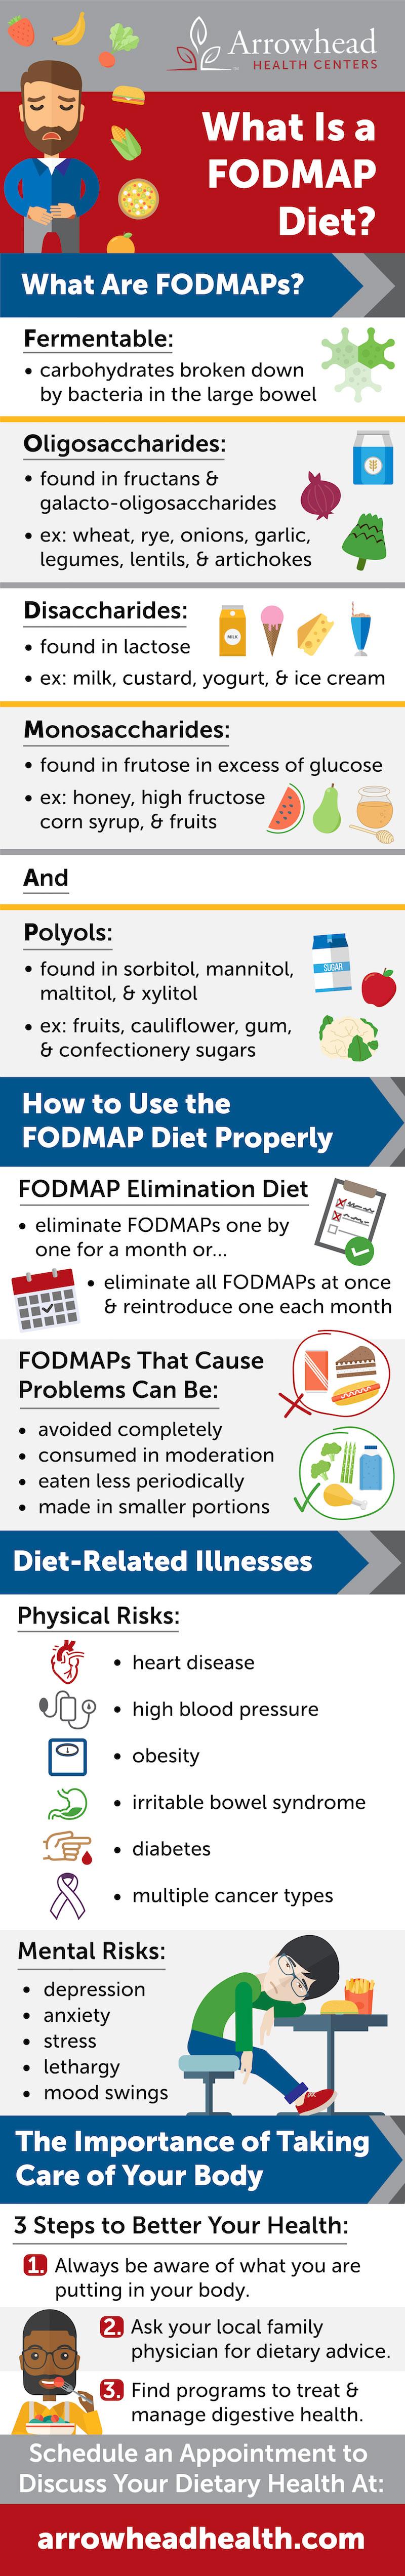 FODMAP Diet